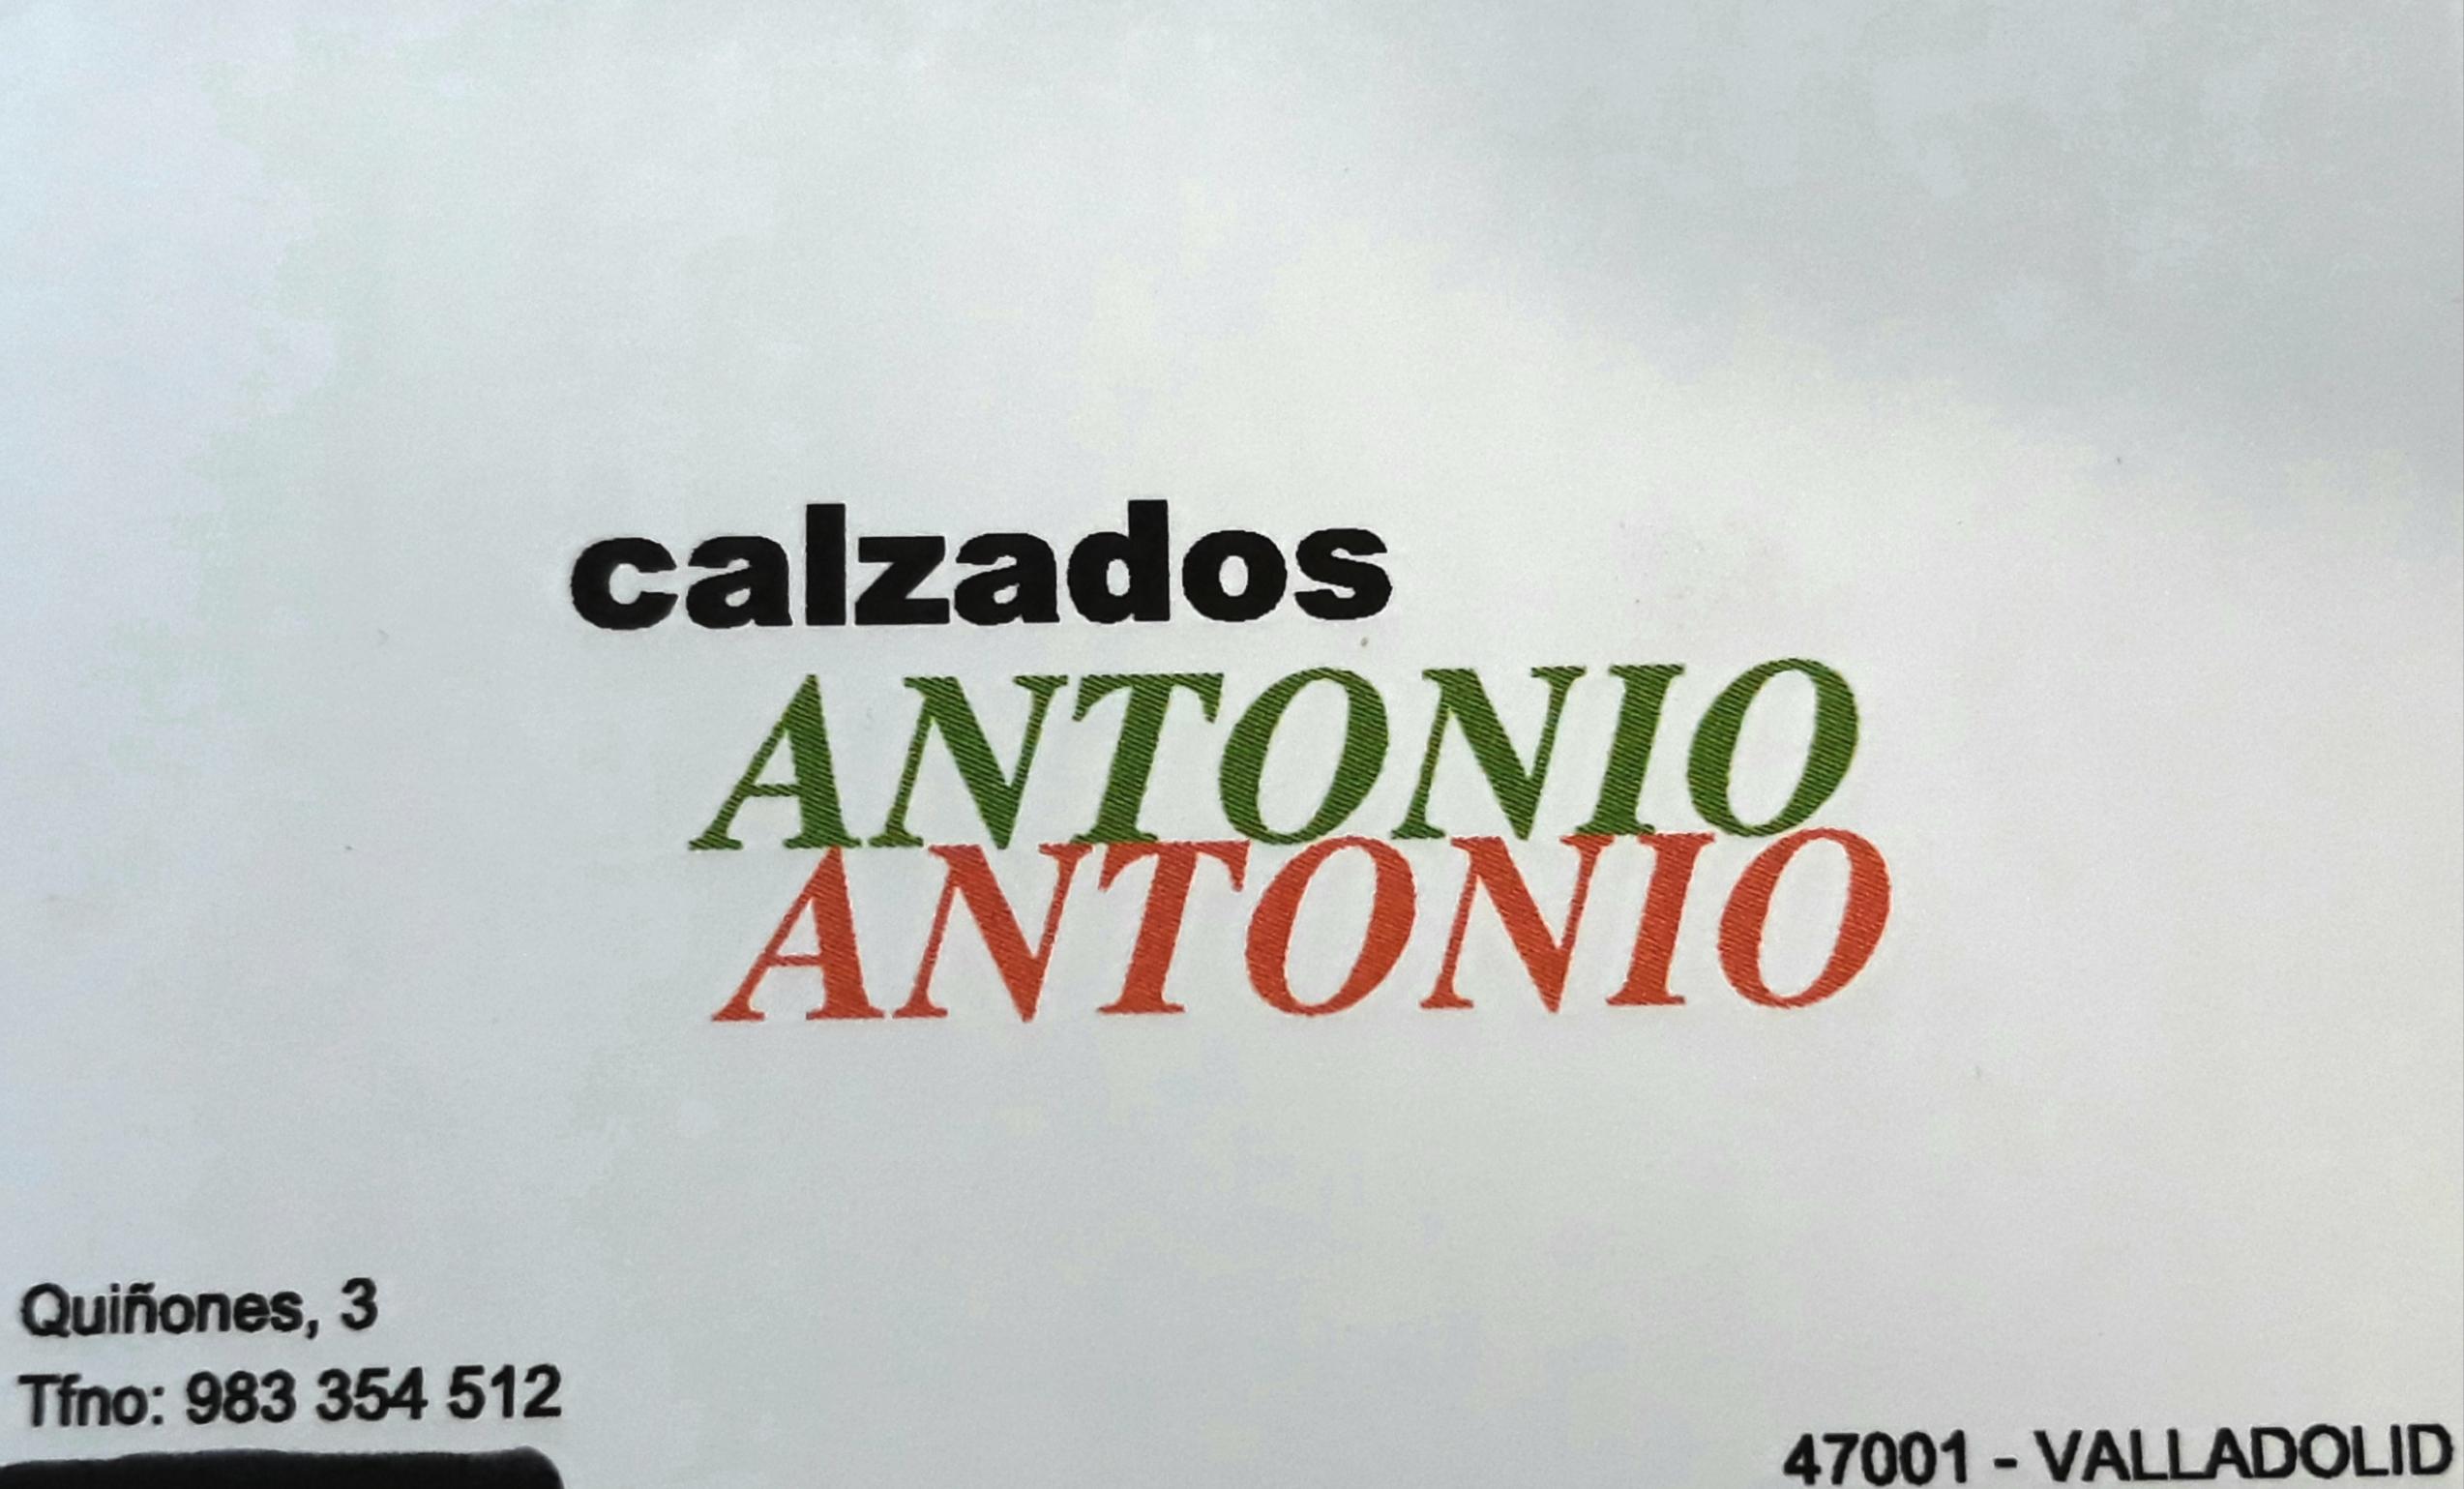 Calzados Antonio